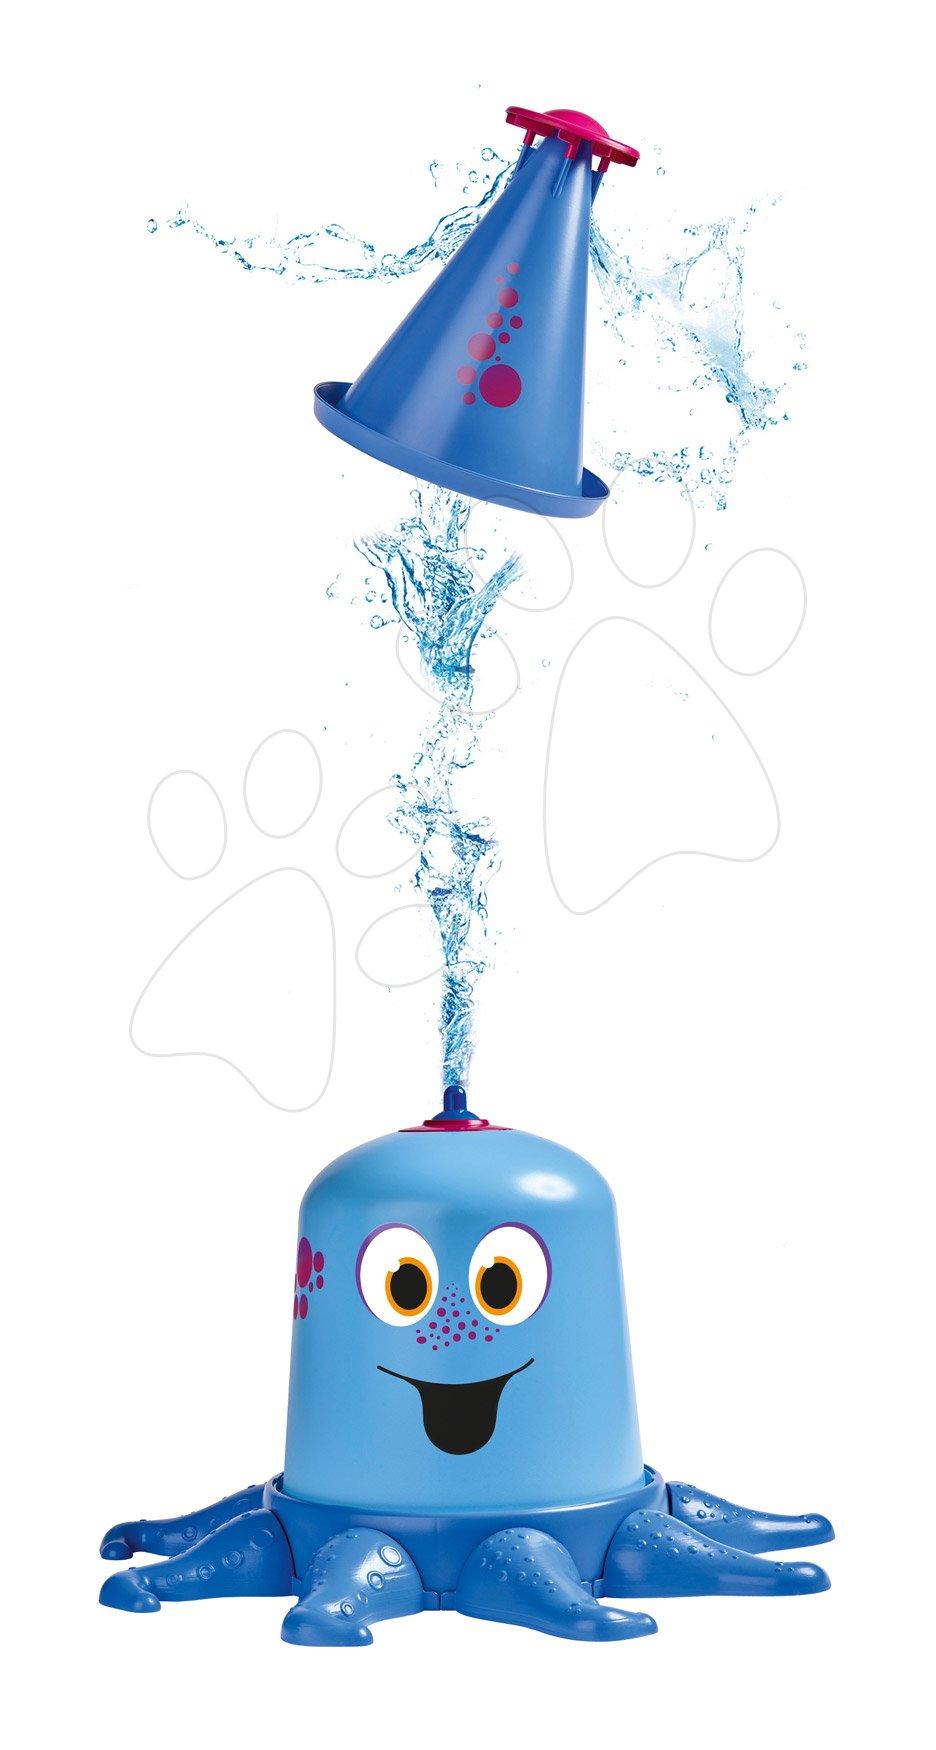 Joc de apă stropitoare caracatiță Aqua Nauti BIG cu jet de apă de 4 m extra stabilă